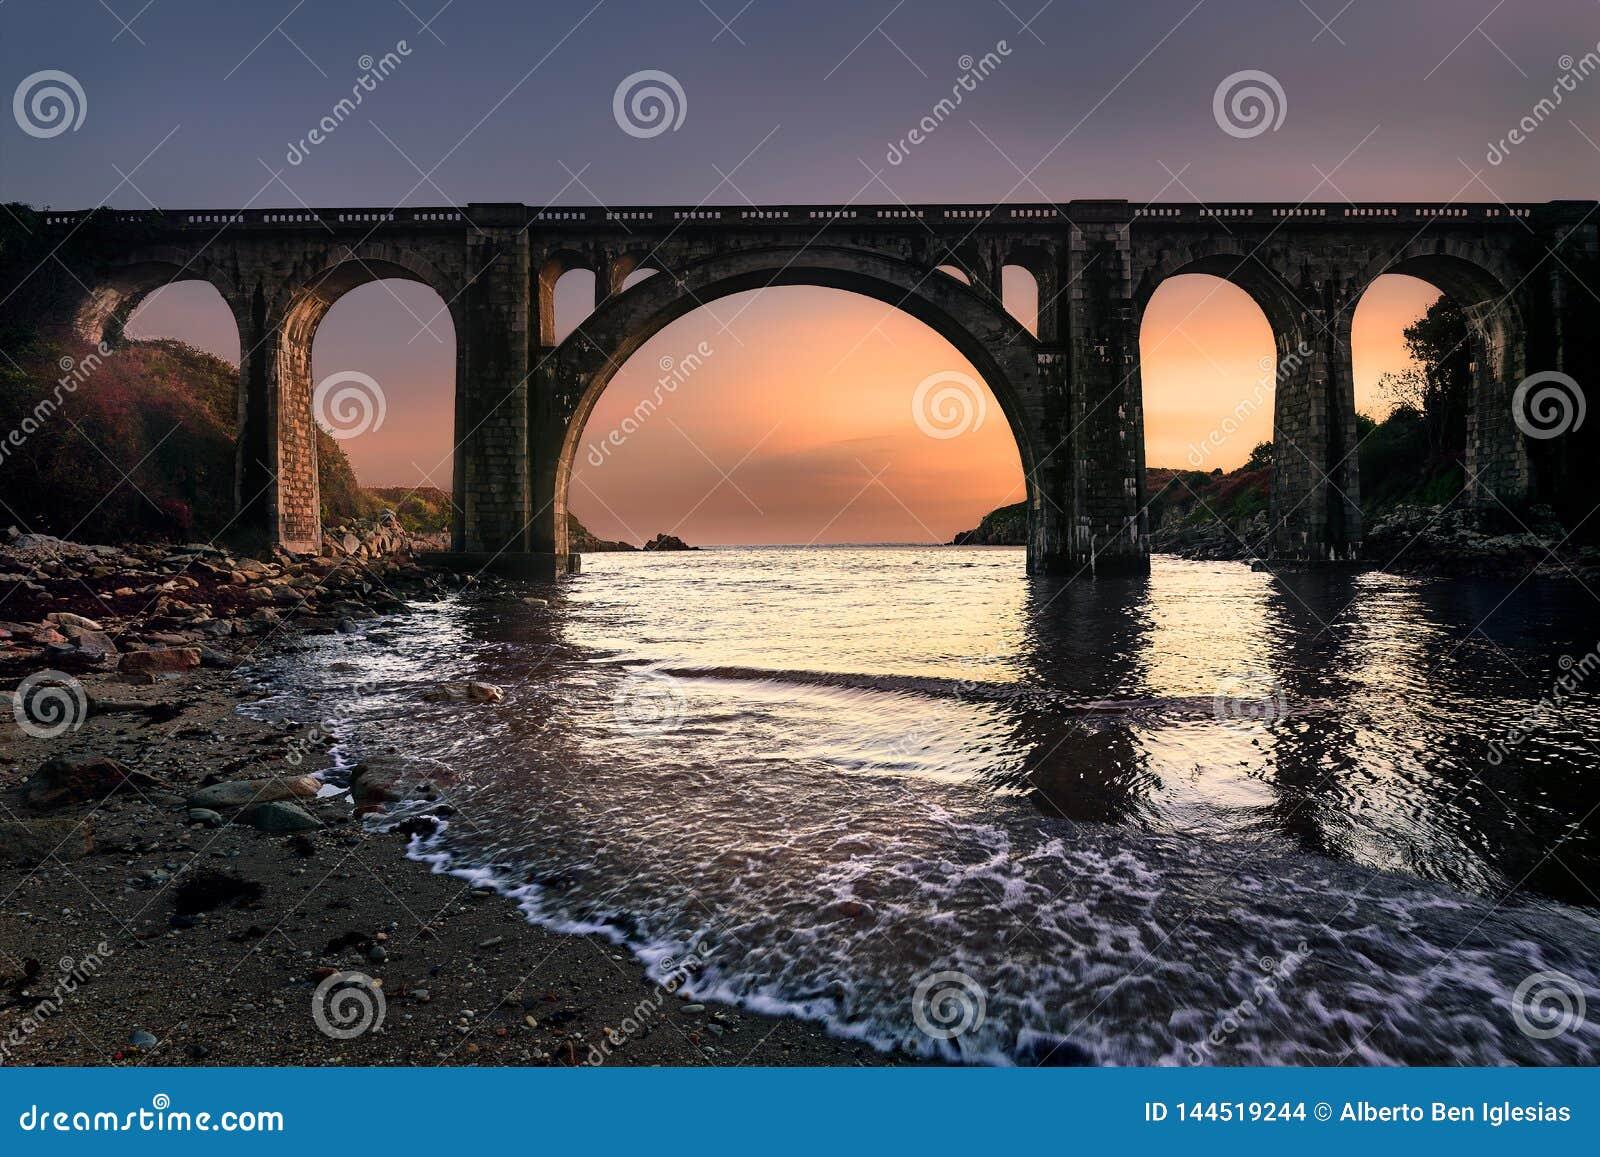 Ανατολή σε μια γέφυρα πέρα από μια παραλία